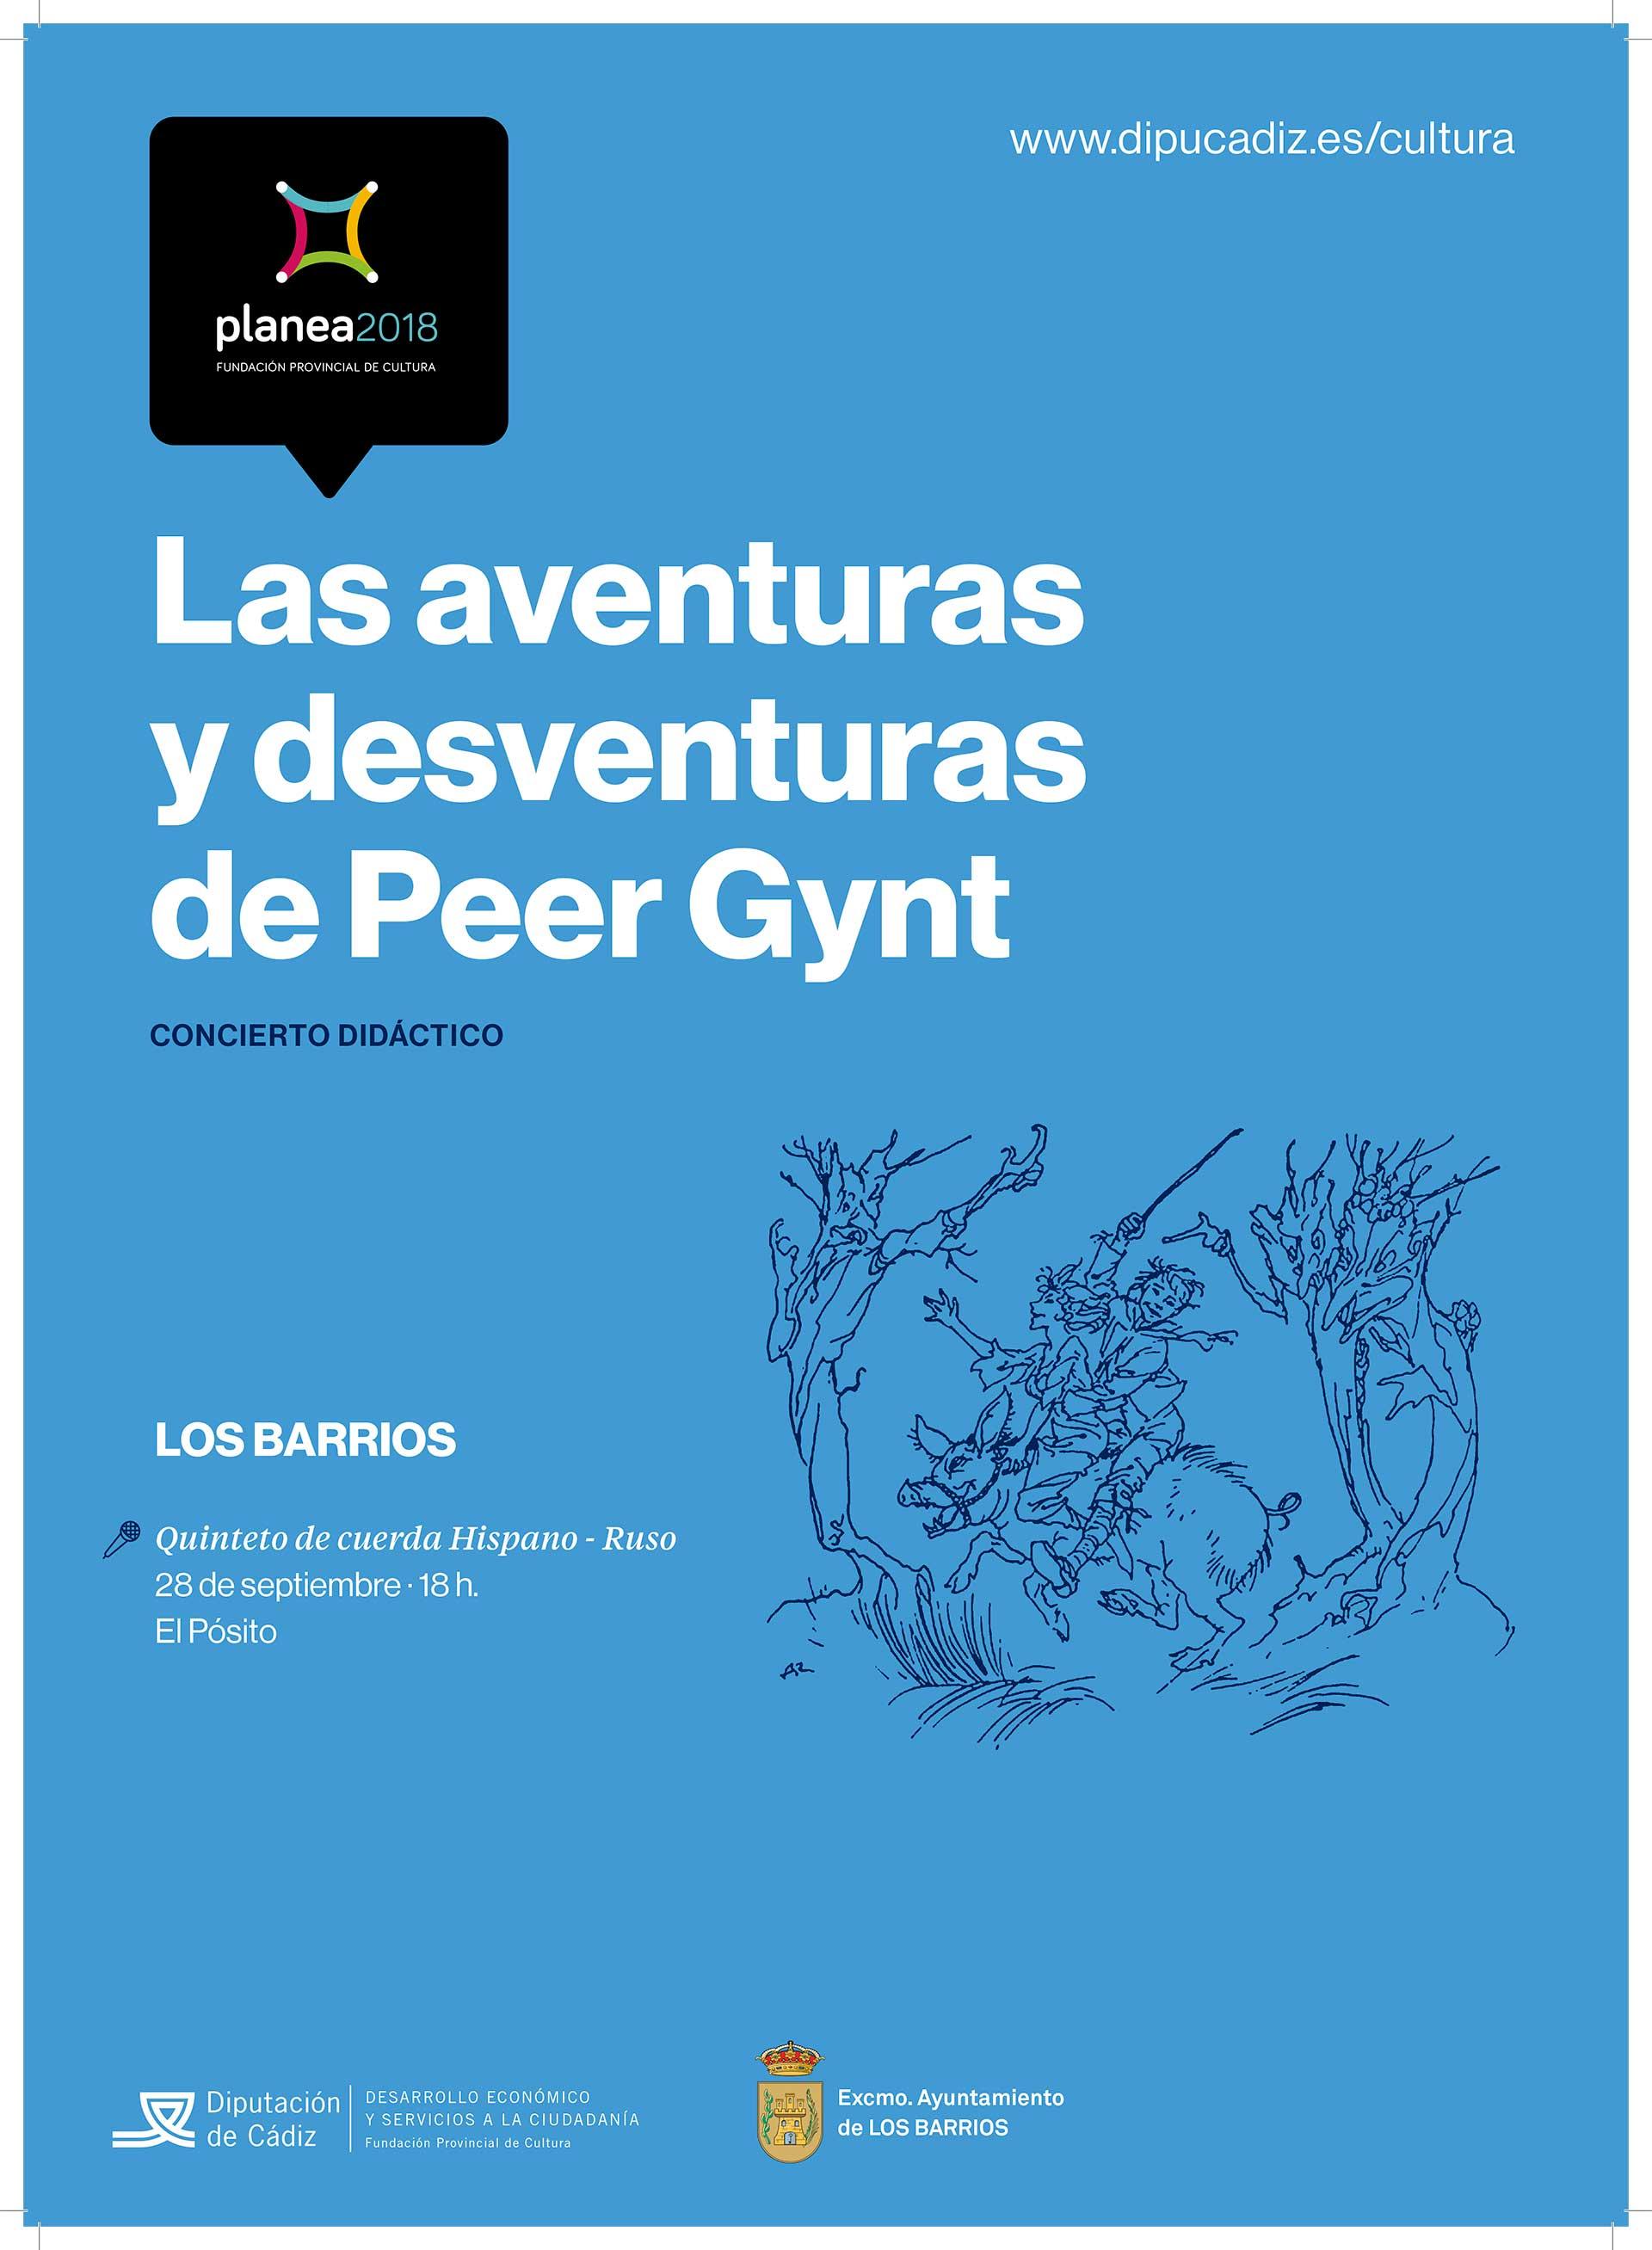 Las aventuras y desventuras de Peer Gynt